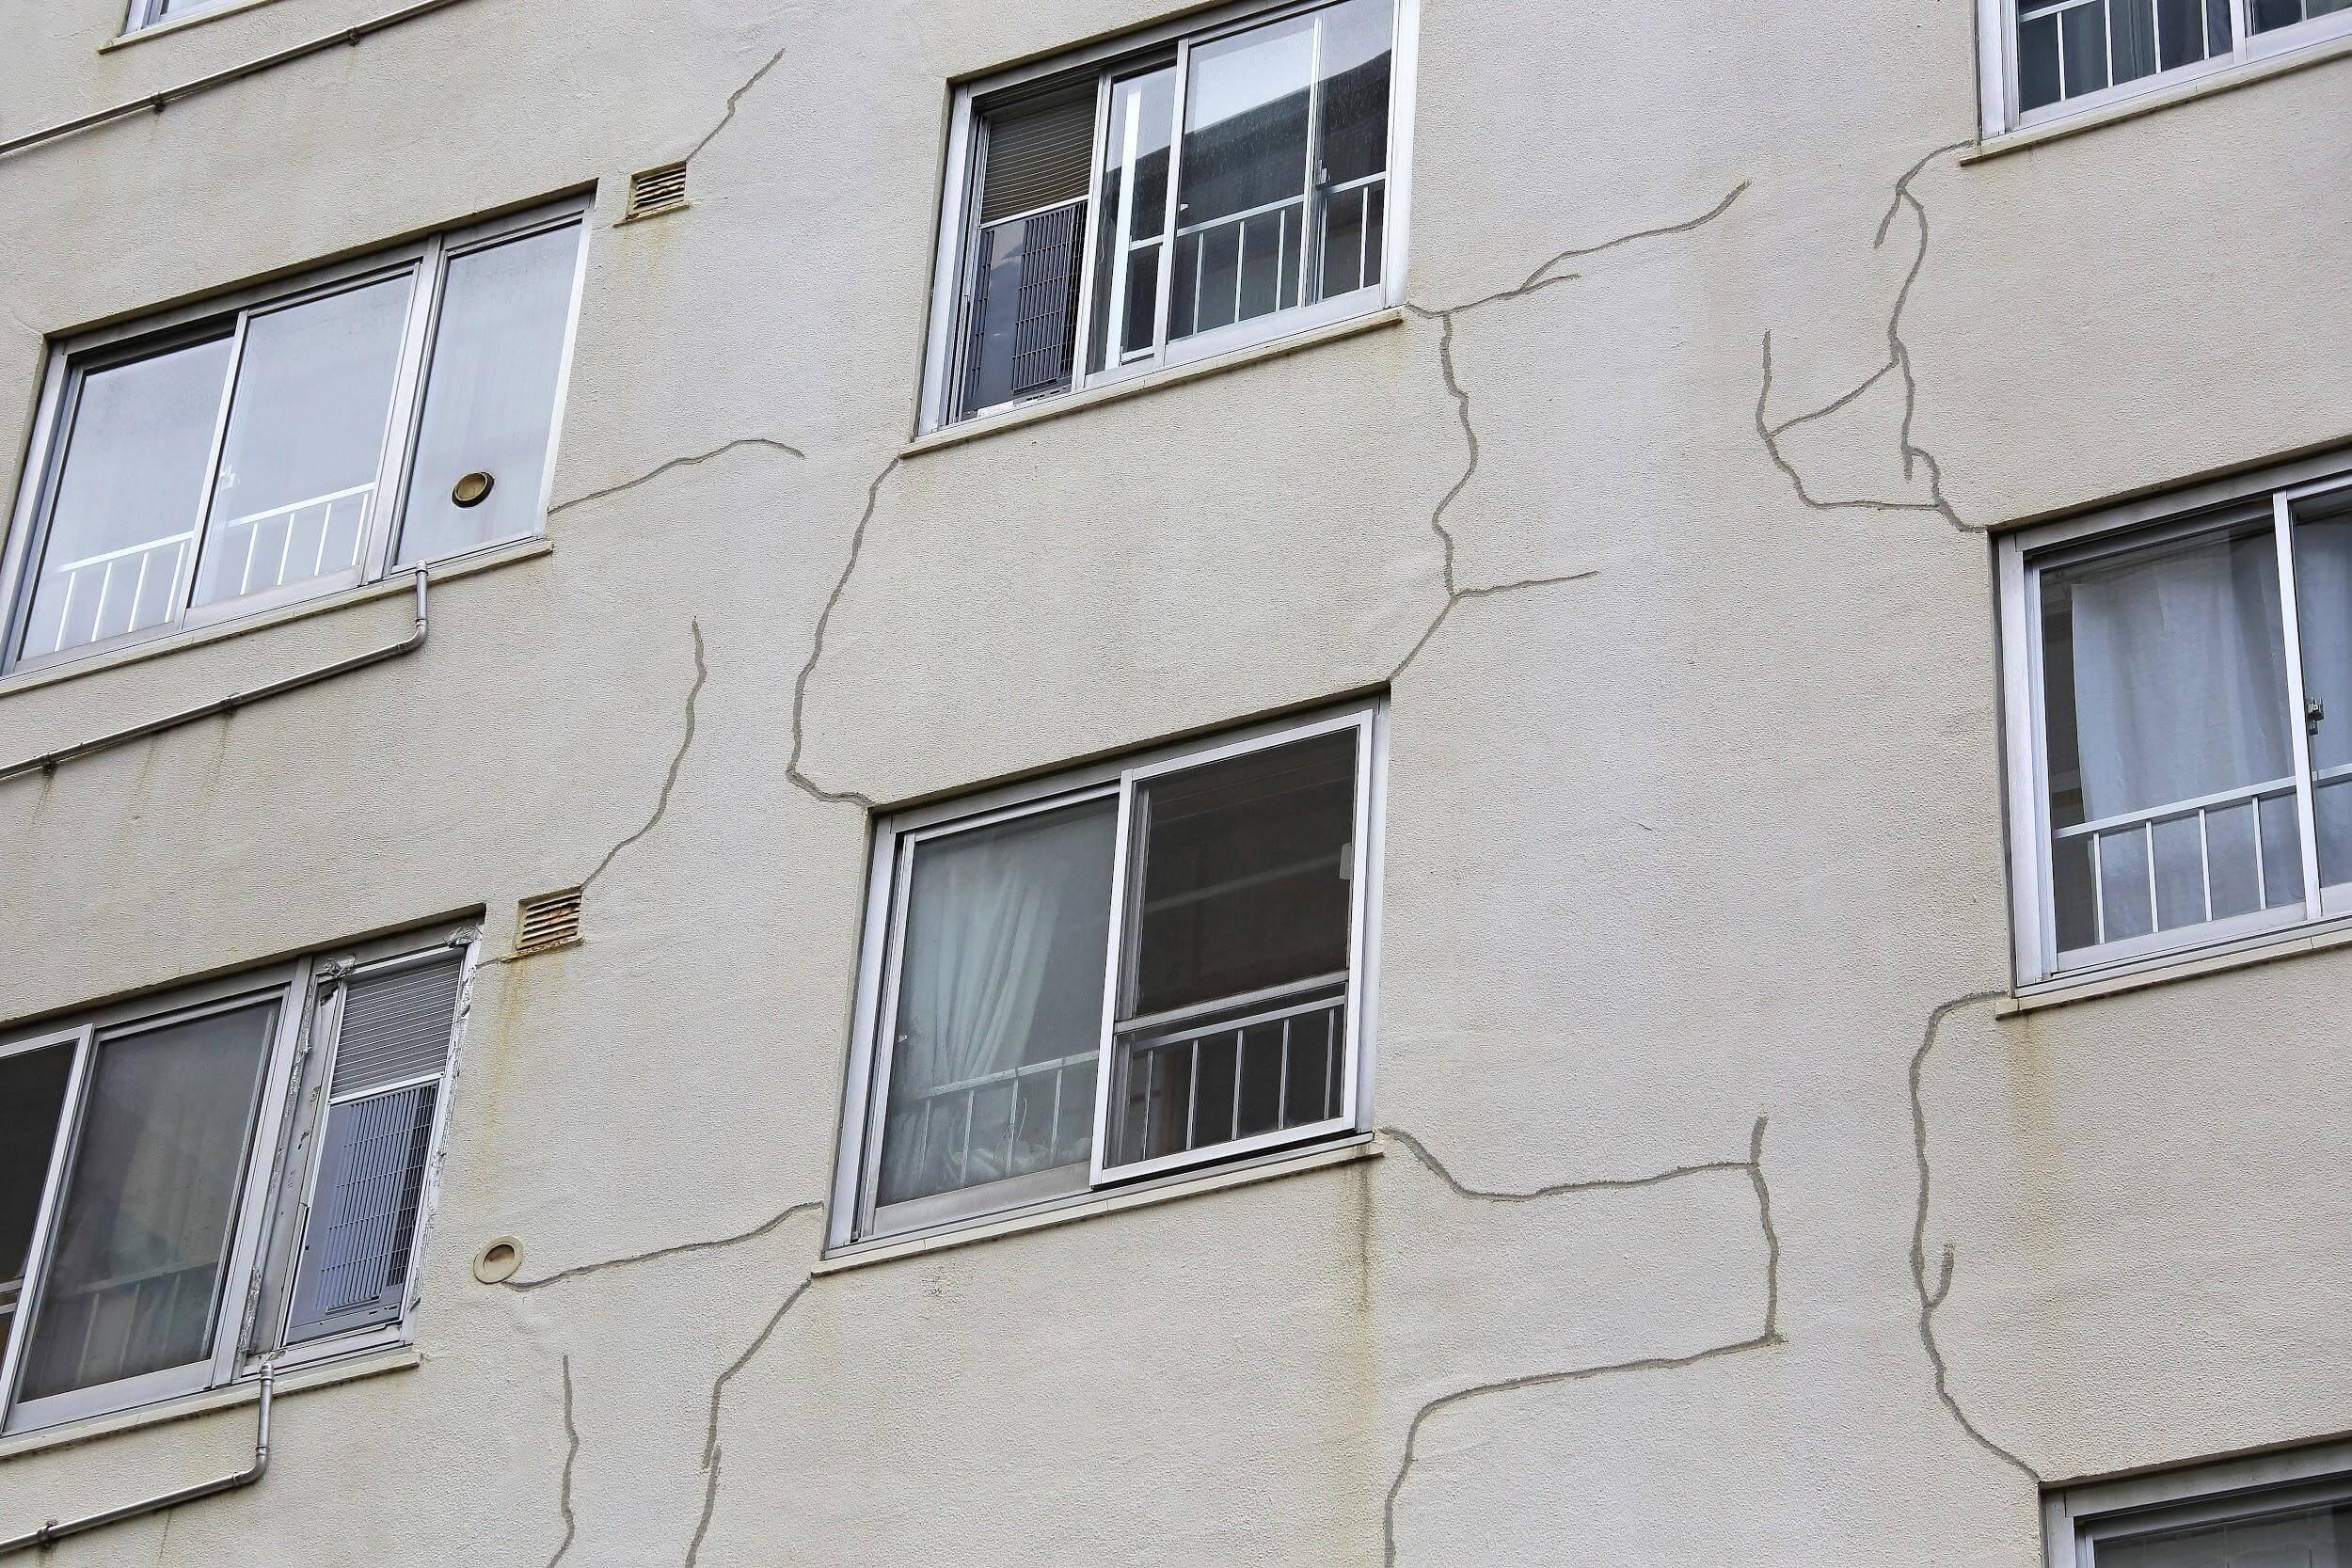 原因特定が難しい外壁ヒビ割れ